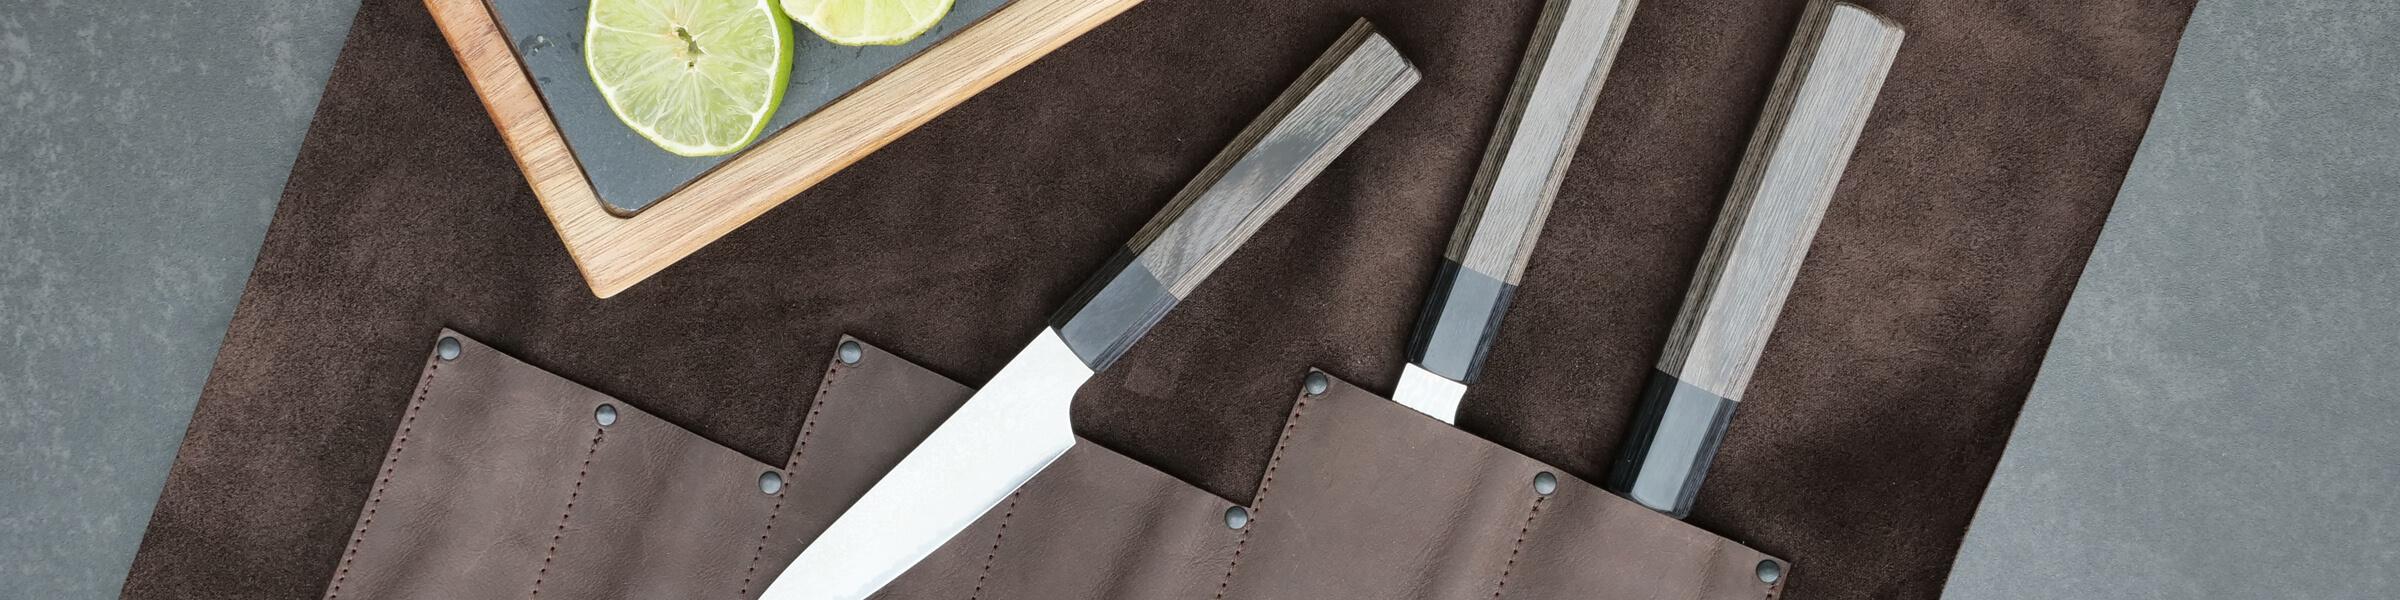 Rolltasche, Rolltasche Leder, Rolltasche für Messer, Rolltasche Küchenmesser, Messertasche Kochmesser, Wunschleder Home